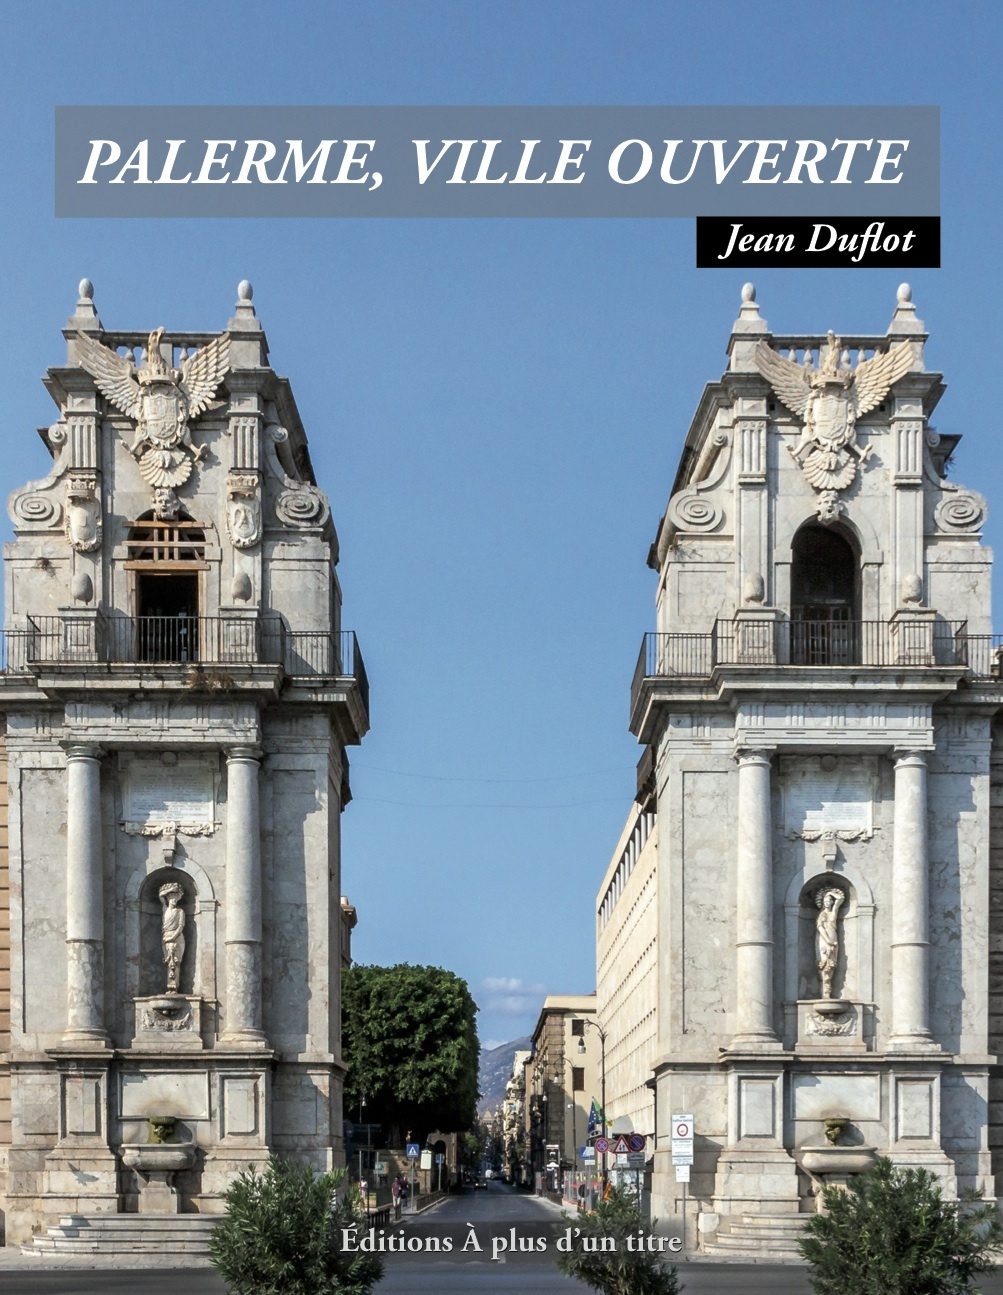 PALERME, VILLE OUVERTE